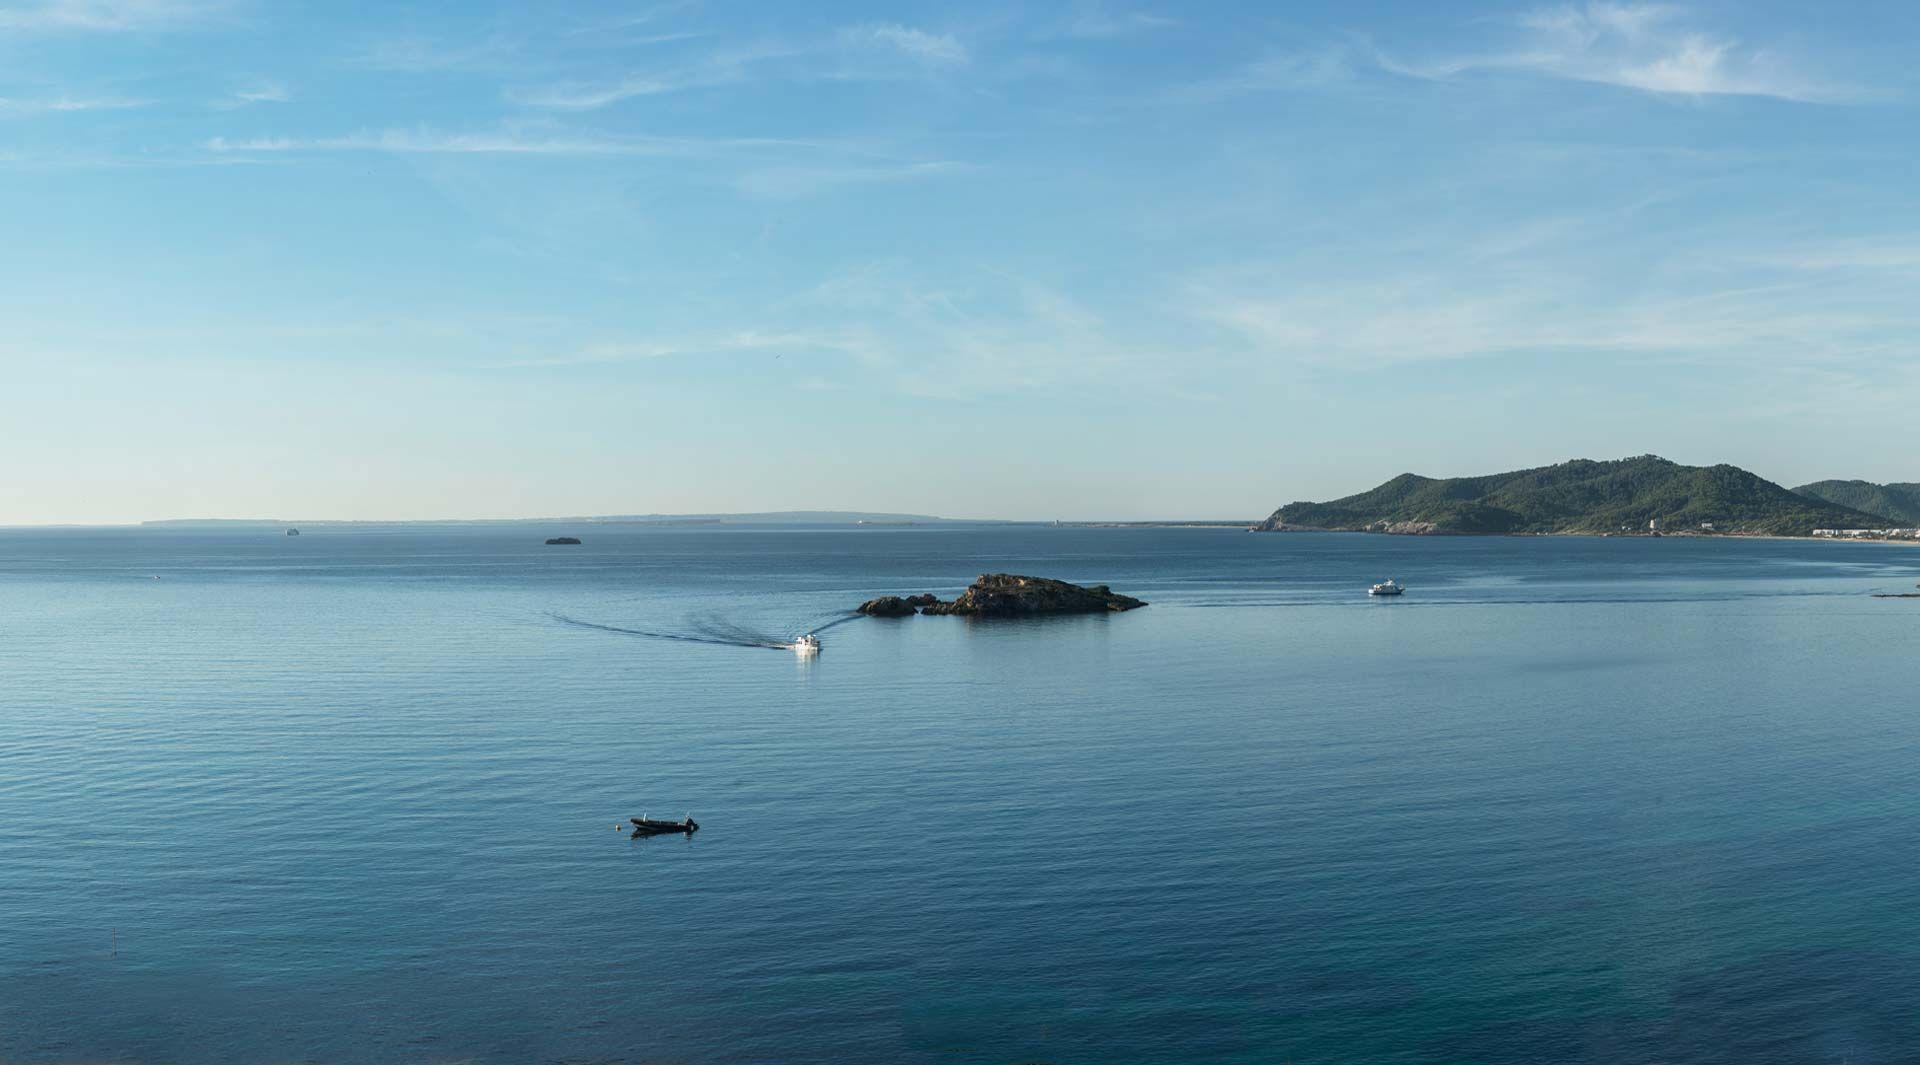 El Hotel Cenit está en una situación privilegiada, en la tranquilidad de una colina que da al mar, con impresionantes vistas a Formentera en Figueretas. #Ibiza #Eivissa #Baleares #Vacaciones #Holidays #Summer #Verano